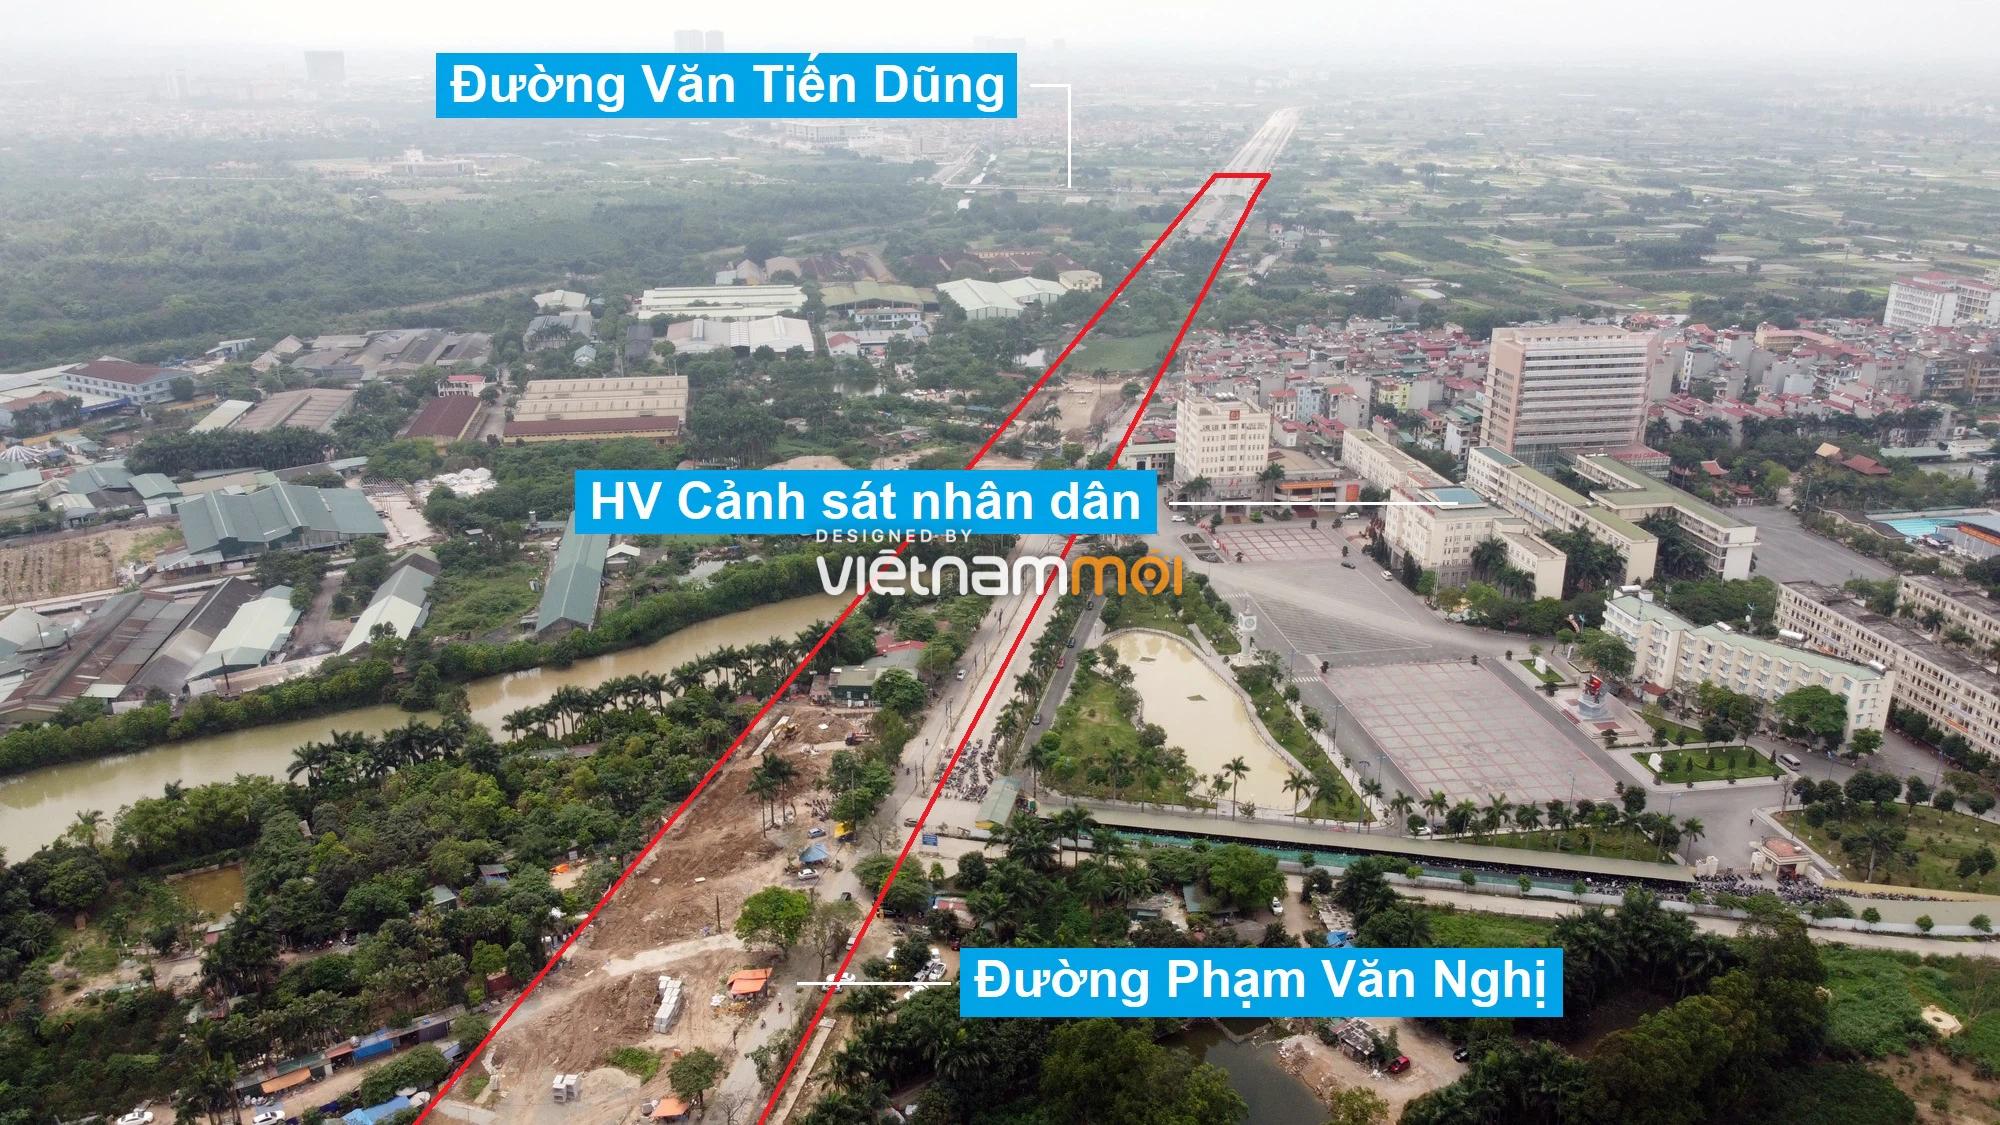 Những khu đất sắp thu hồi để mở đường ở quận Bắc Từ Liêm, Hà Nội (phần 2) - Ảnh 4.